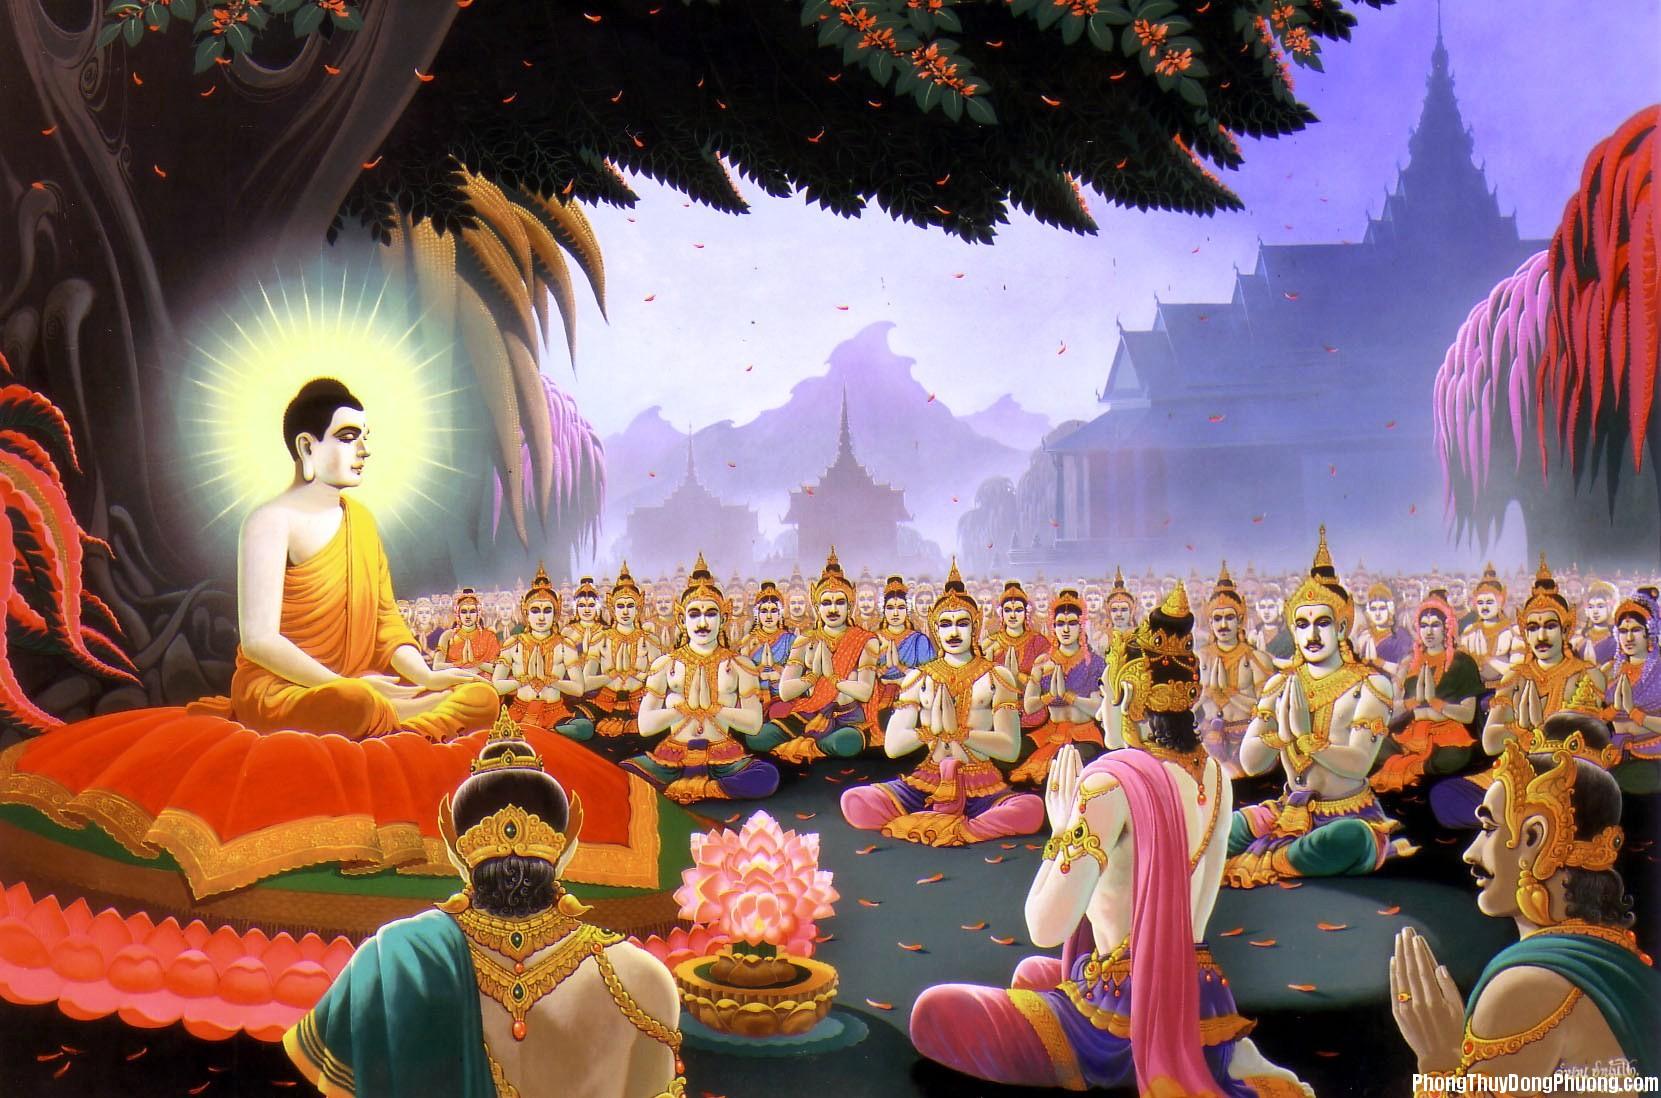 dao phat Giải mã các bí ẩn giấc mơ liên quan đến Phật giáo